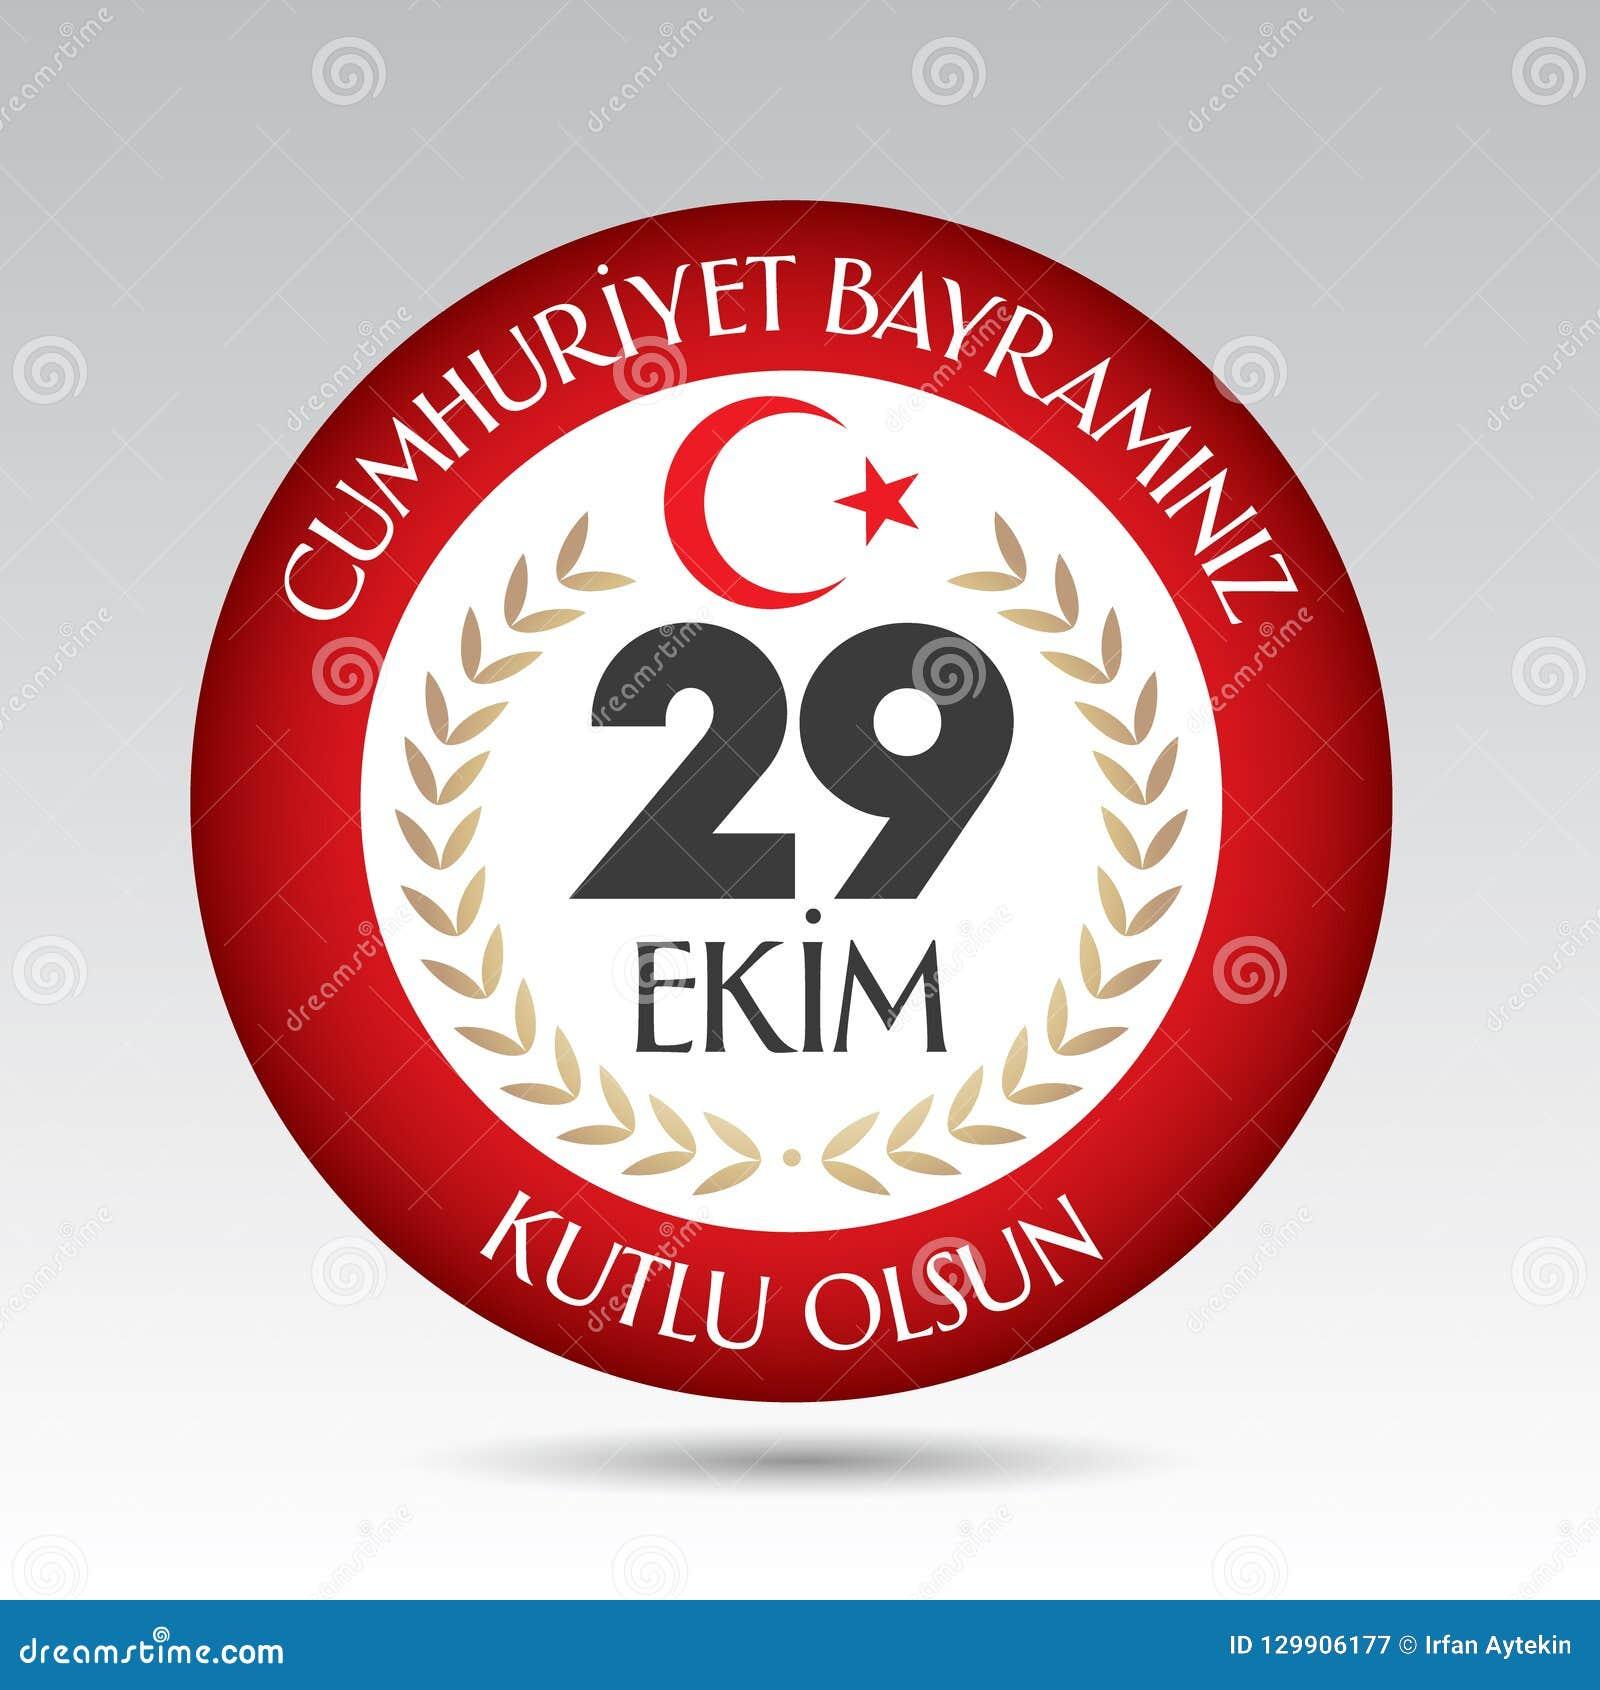 29 Ekim Cumhuriyet Bayrami Übersetzung: Am 29. Oktober Tag der Republik die Türkei und der Nationaltag in der Türkei